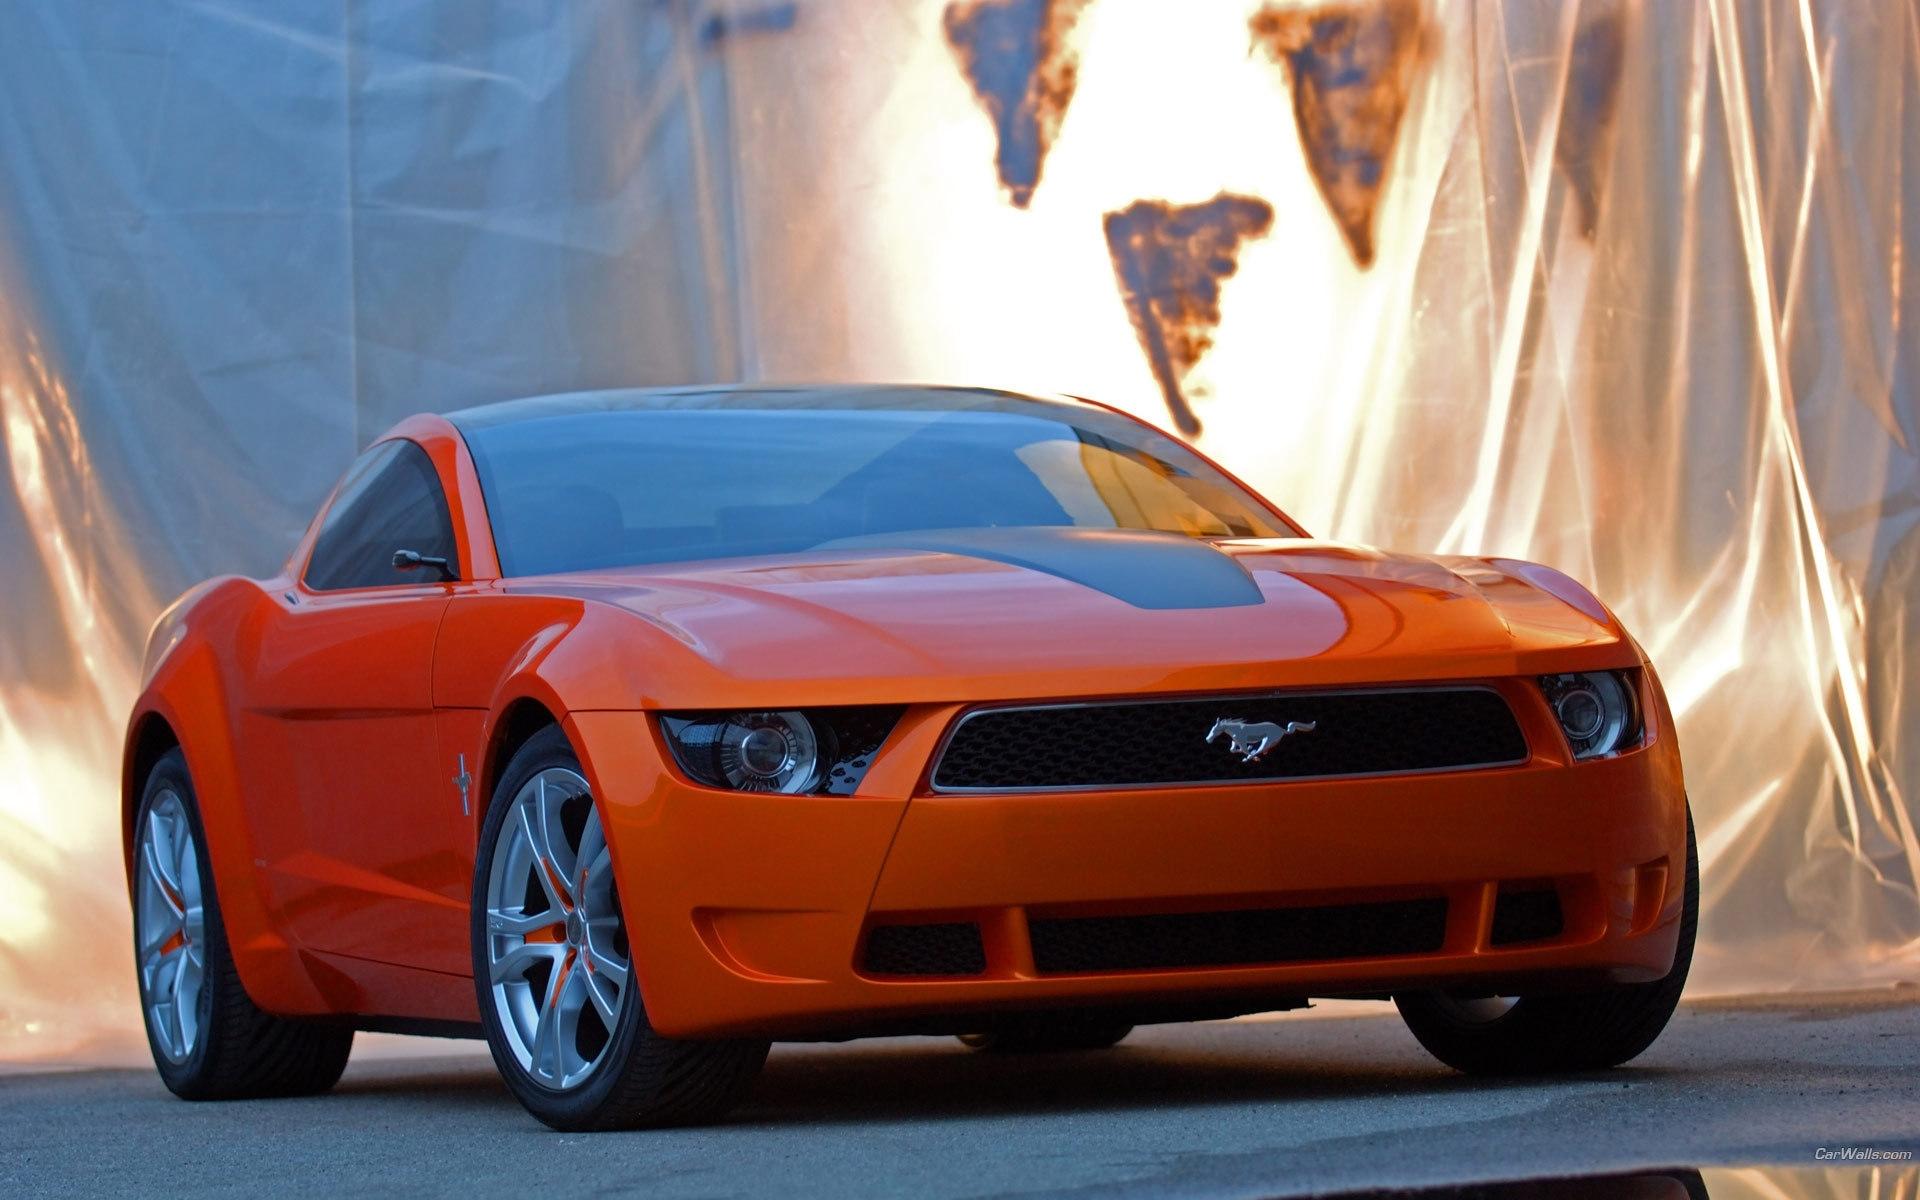 25483 скачать обои Транспорт, Машины, Мустанг (Mustang) - заставки и картинки бесплатно